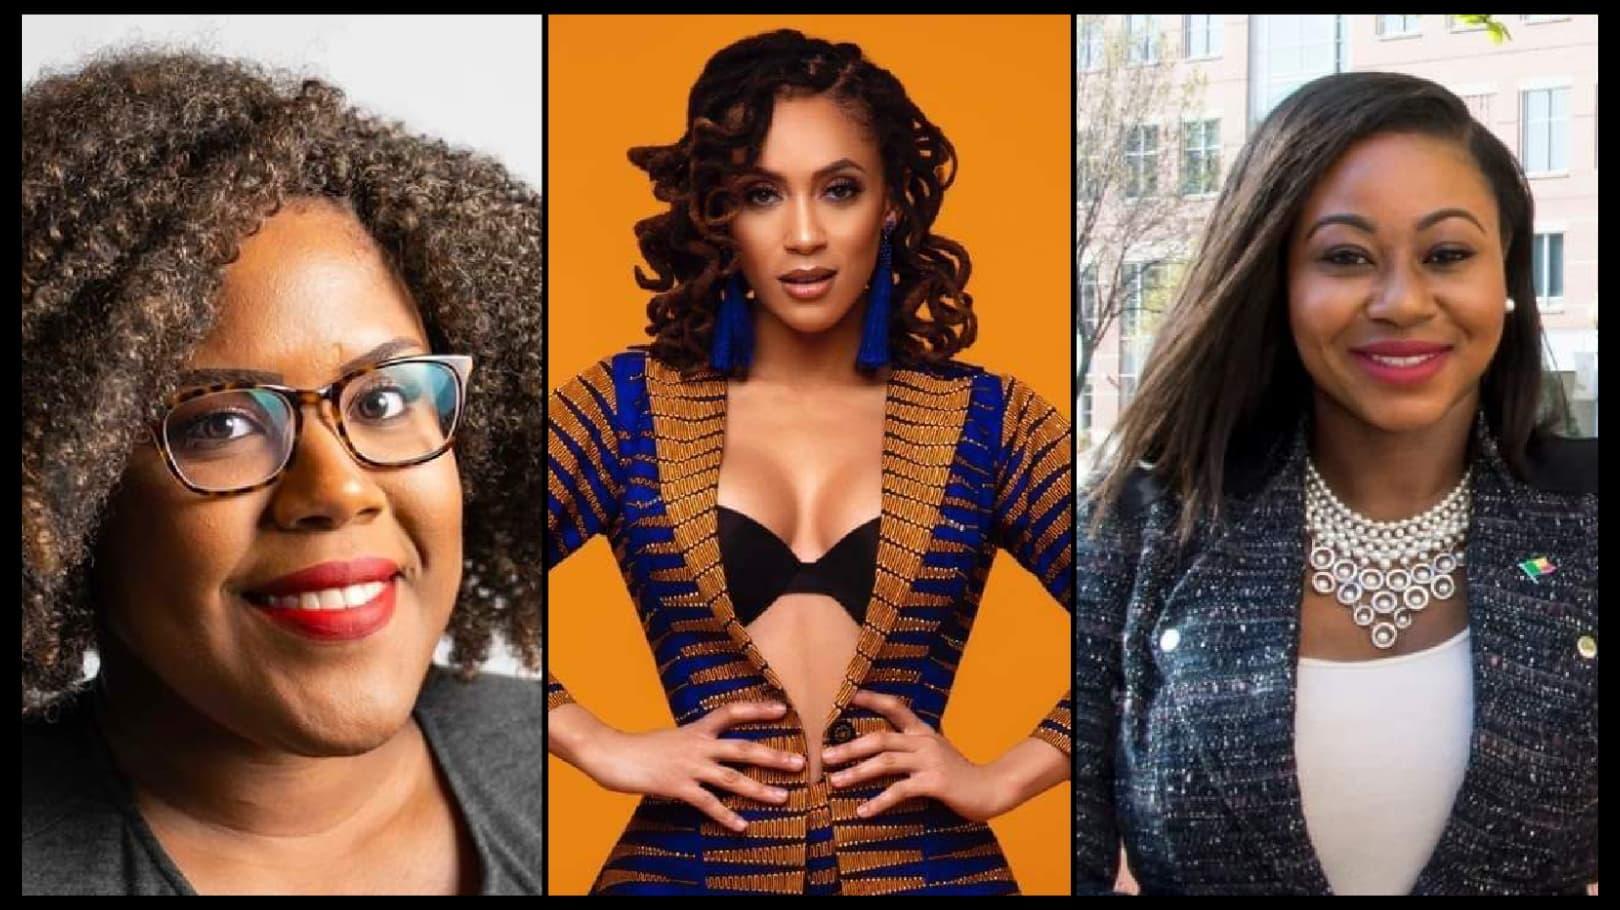 De gauche à droite: Jennifer Blemur, Phyllisia Ross et Johanna Leblanc/ Collage: Loop Haiti